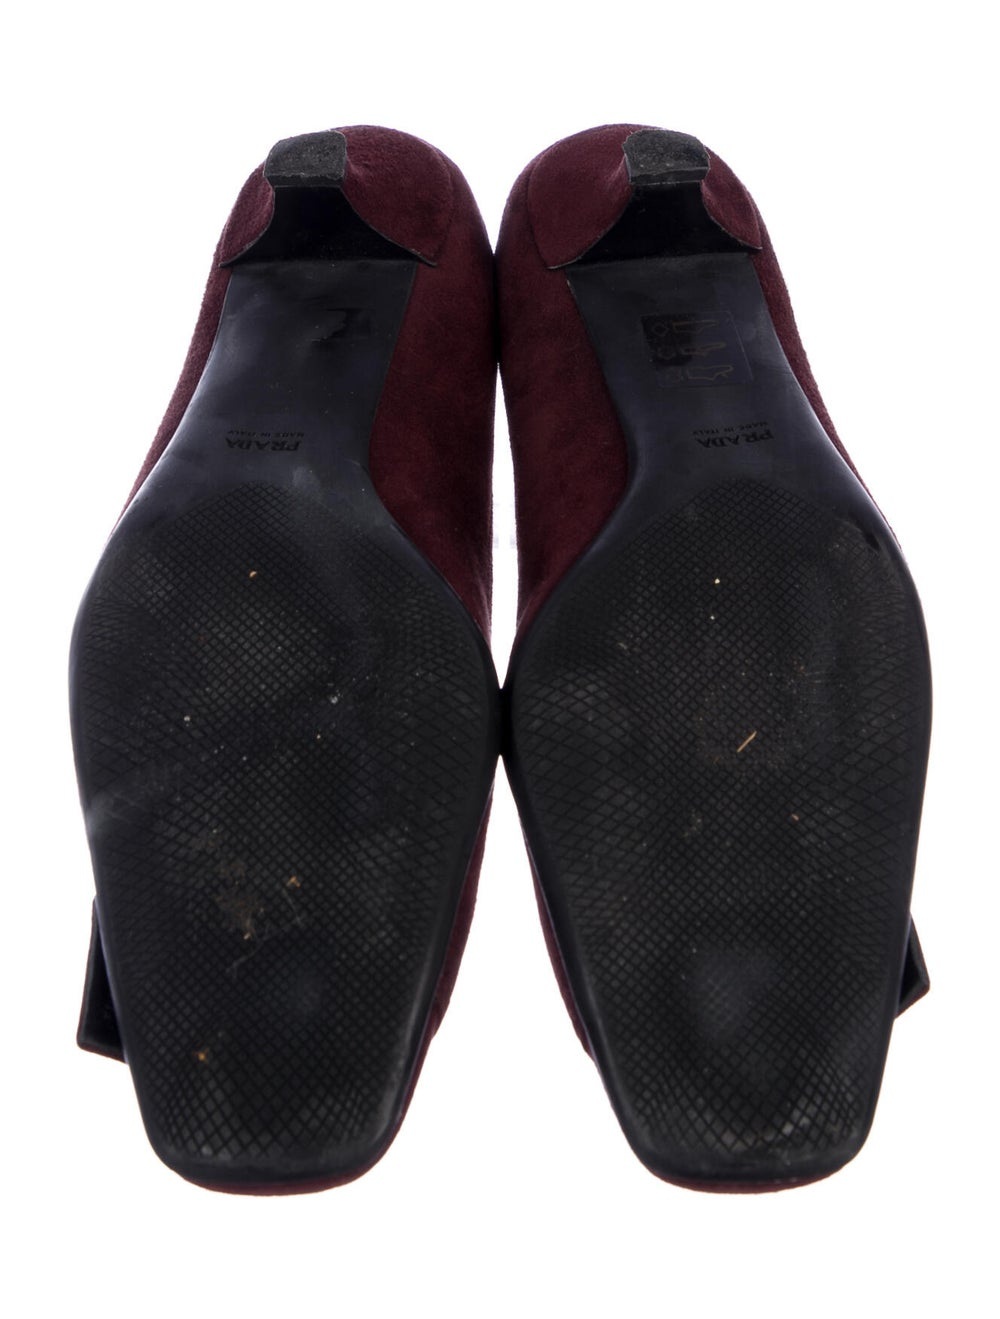 Prada Sport Sneakers - image 5